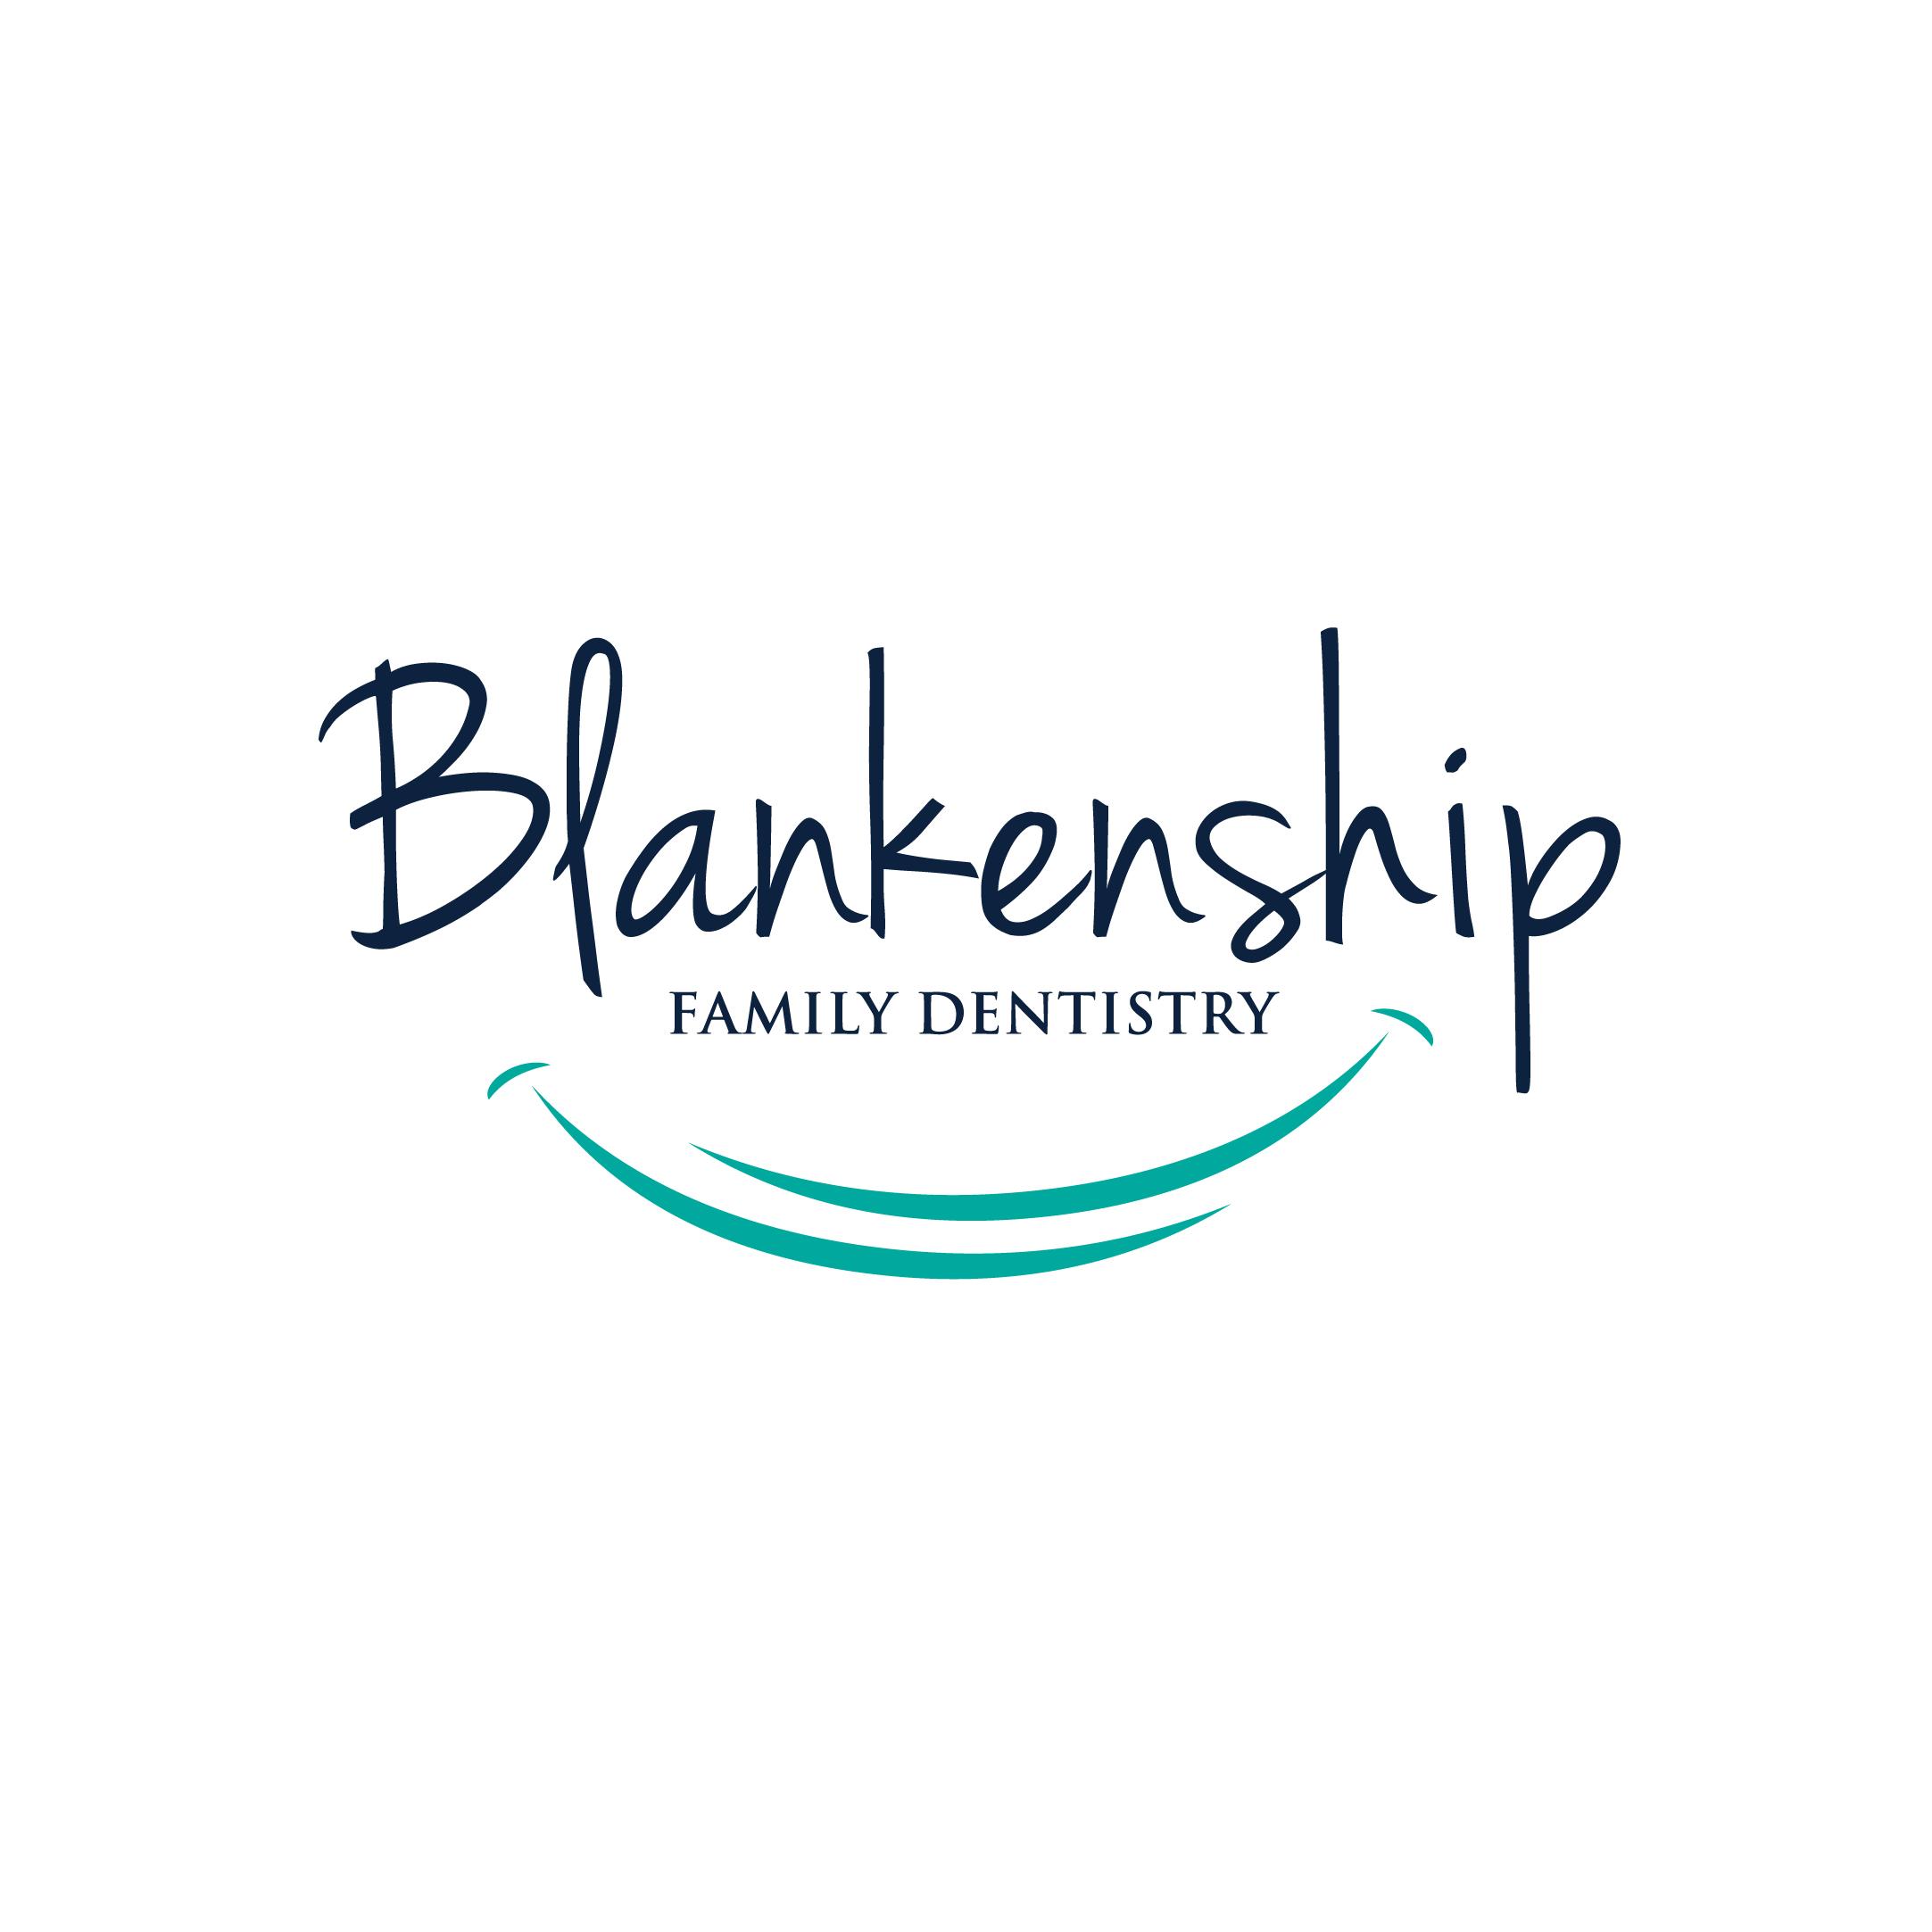 Blankenship Family Dentistry